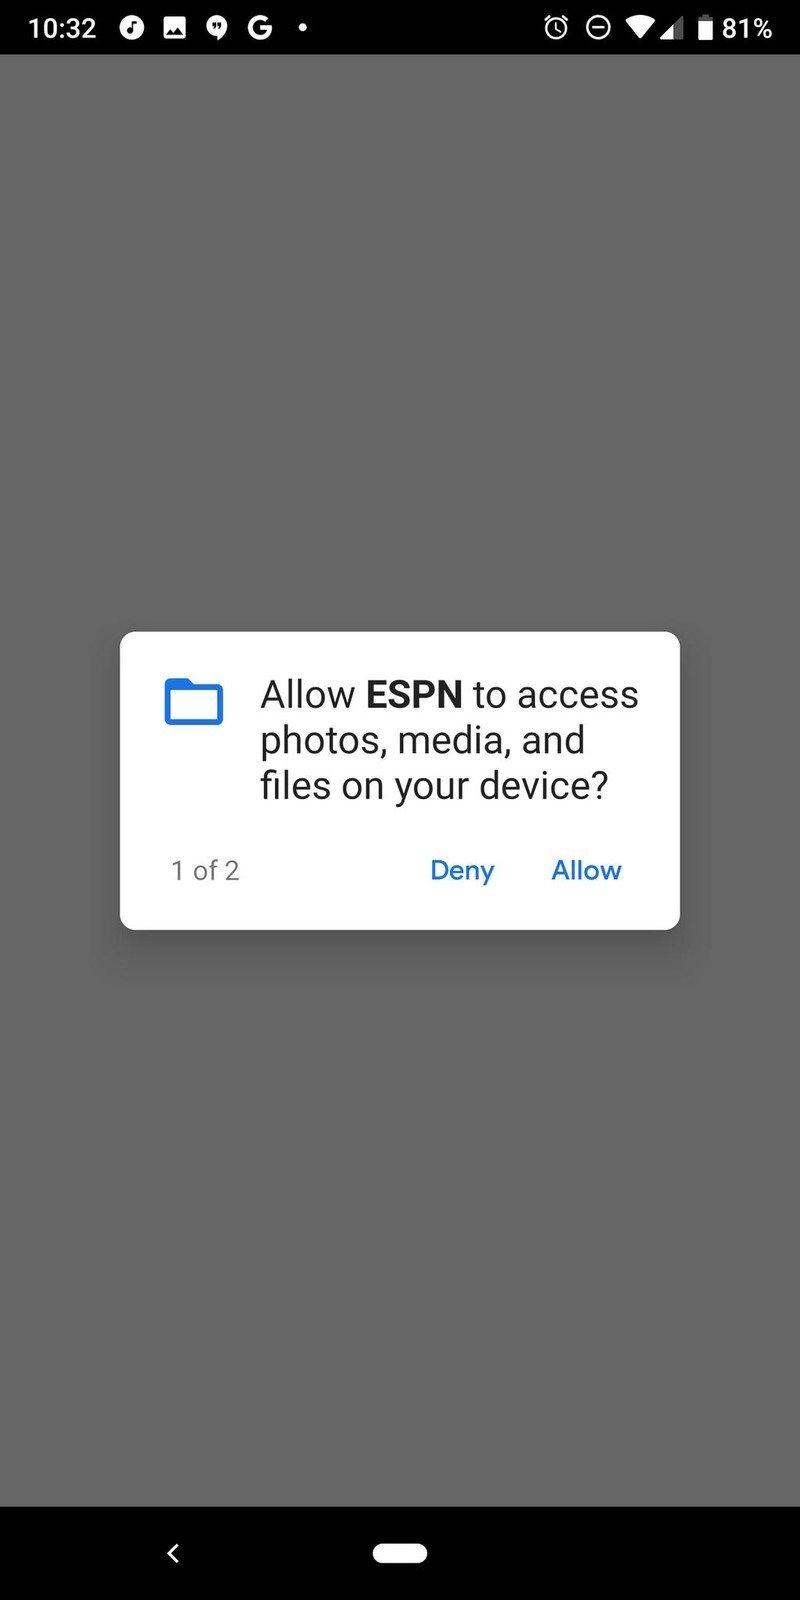 espn_app_android_permissions_1-122c.jpg